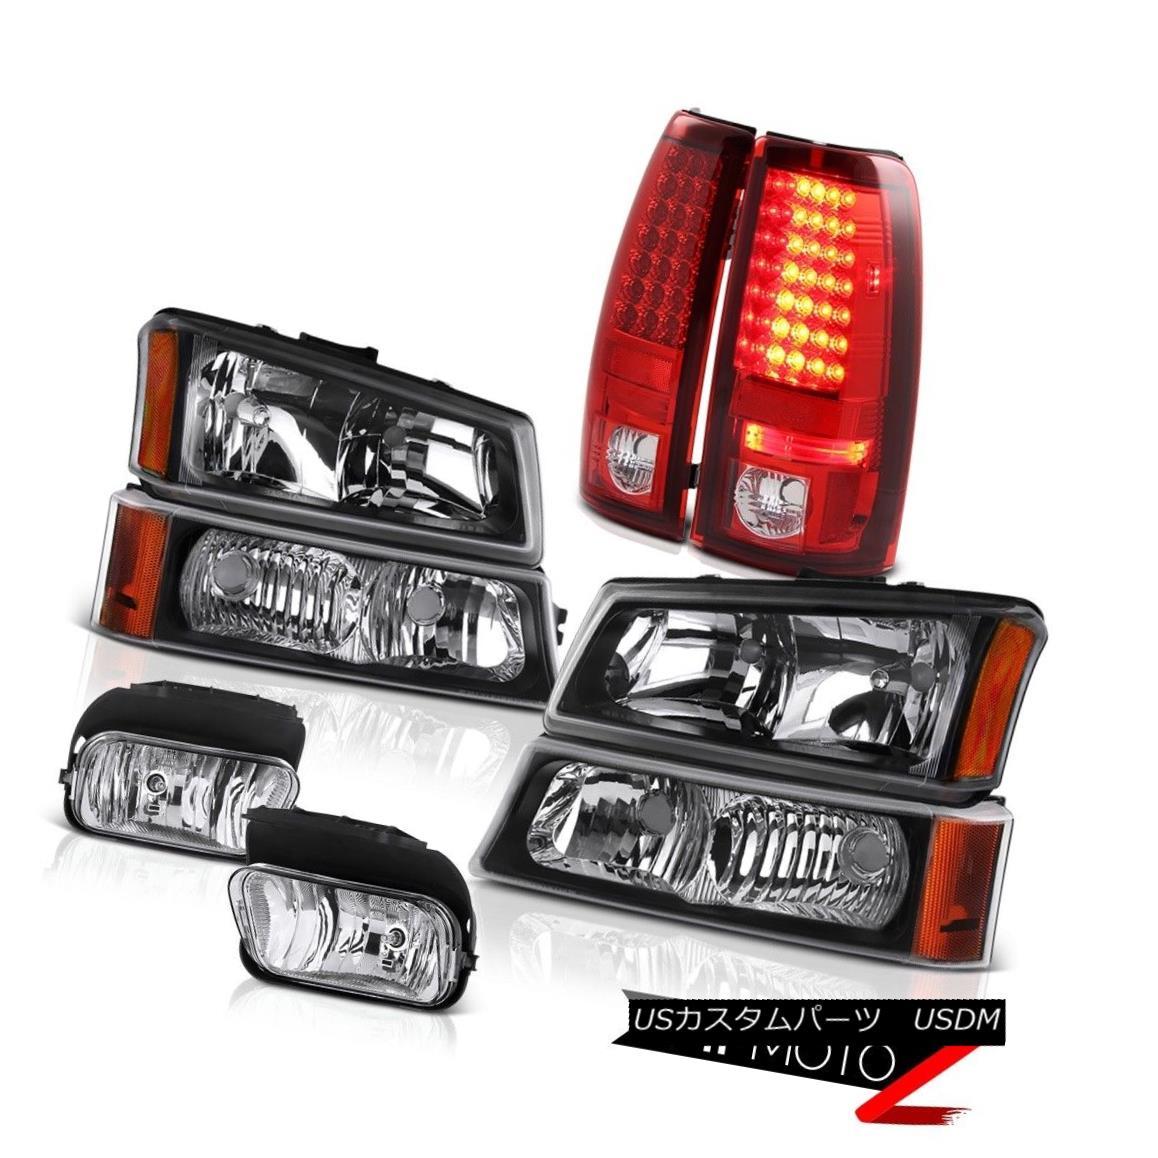 テールライト 03-06 Silverado SS Turn Signal Head Light Lamp Smoke LED Brake Bumper Foglight 03-06 Silverado SSターンシグナルヘッドライトランプスモークLEDブレーキバンパーフォグライト